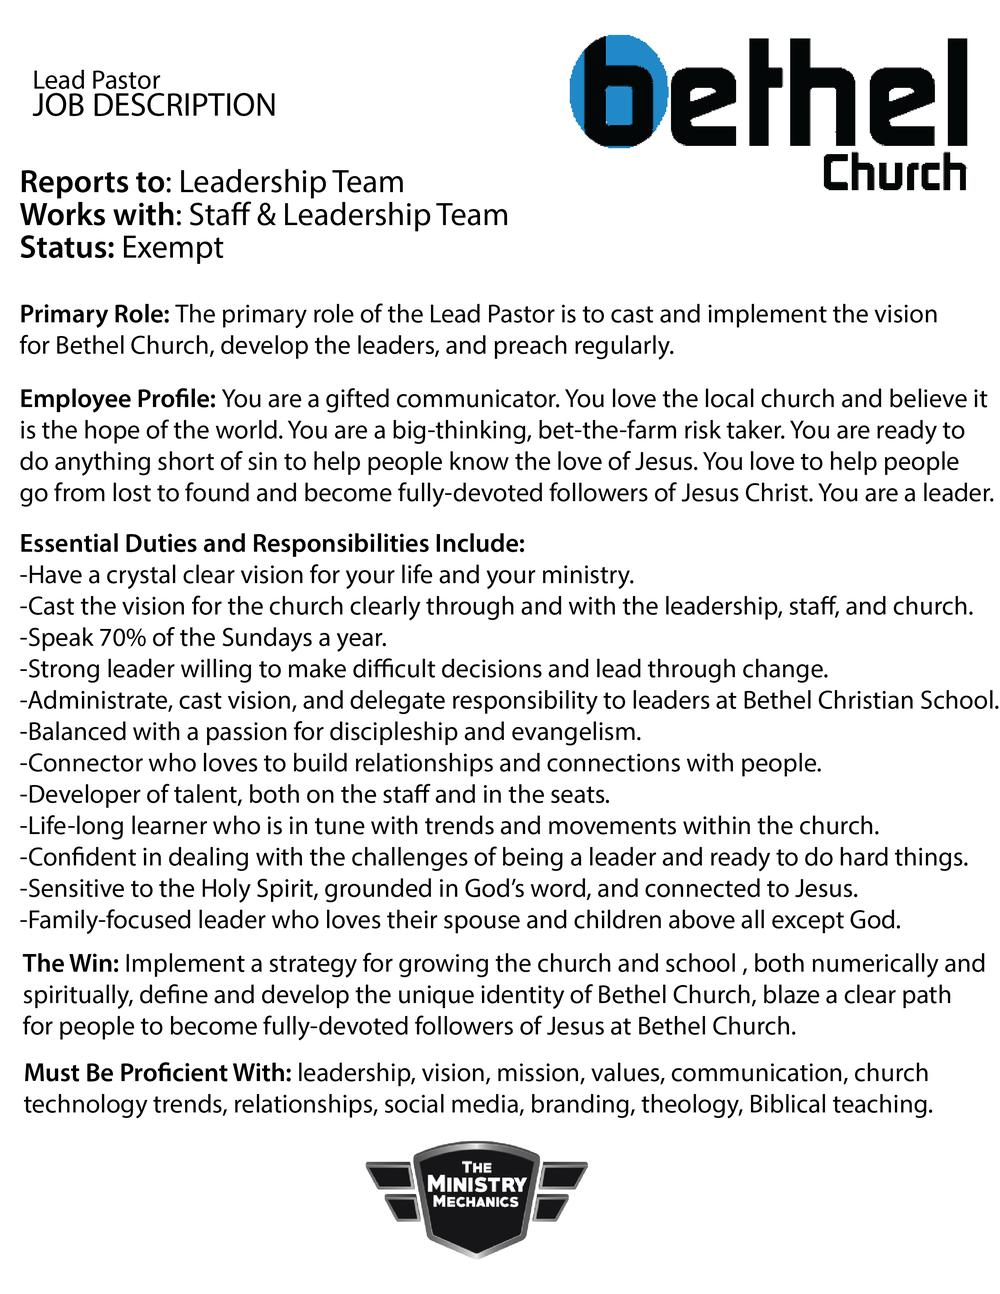 Bethel Church Lead Pastor Job Description-01.png